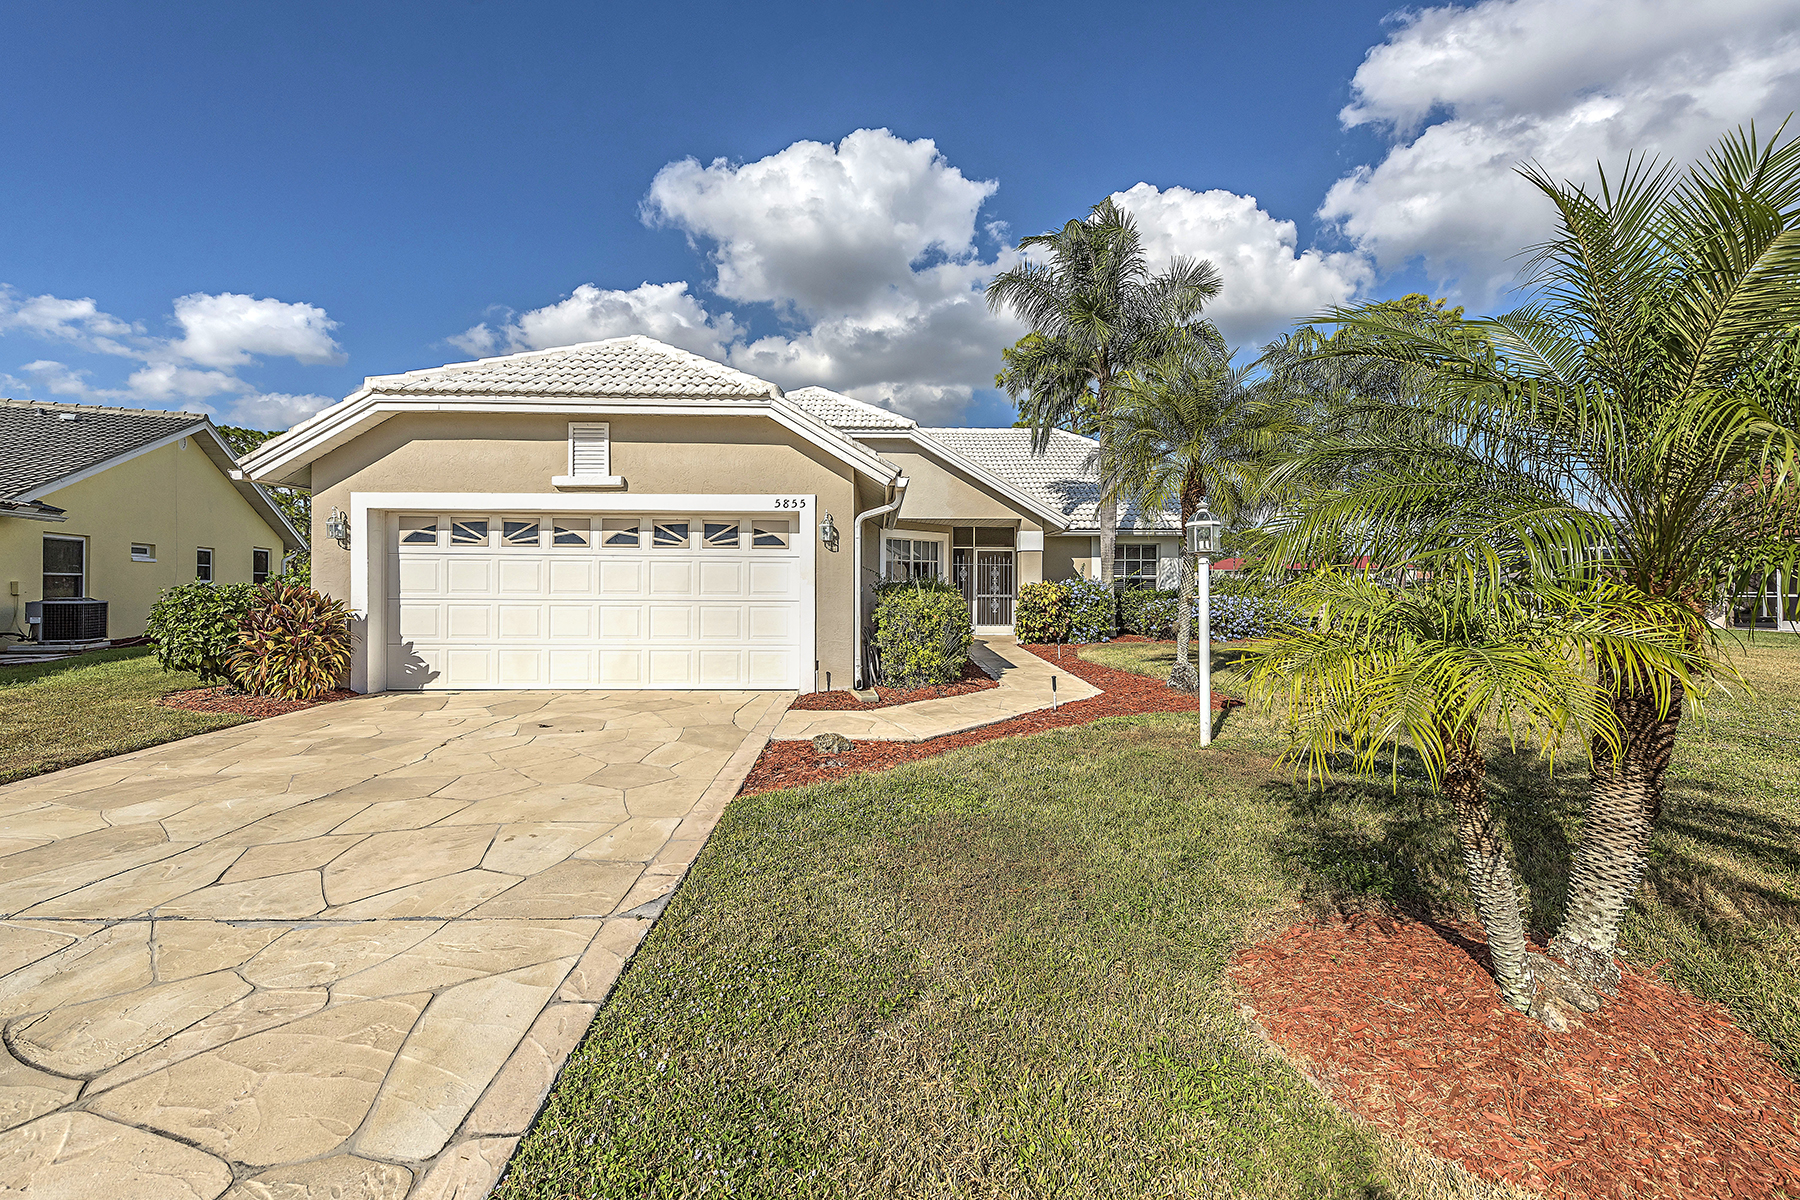 Villa per Vendita alle ore NAPLES 5855 Westbourgh Ct Naples, Florida, 34112 Stati Uniti